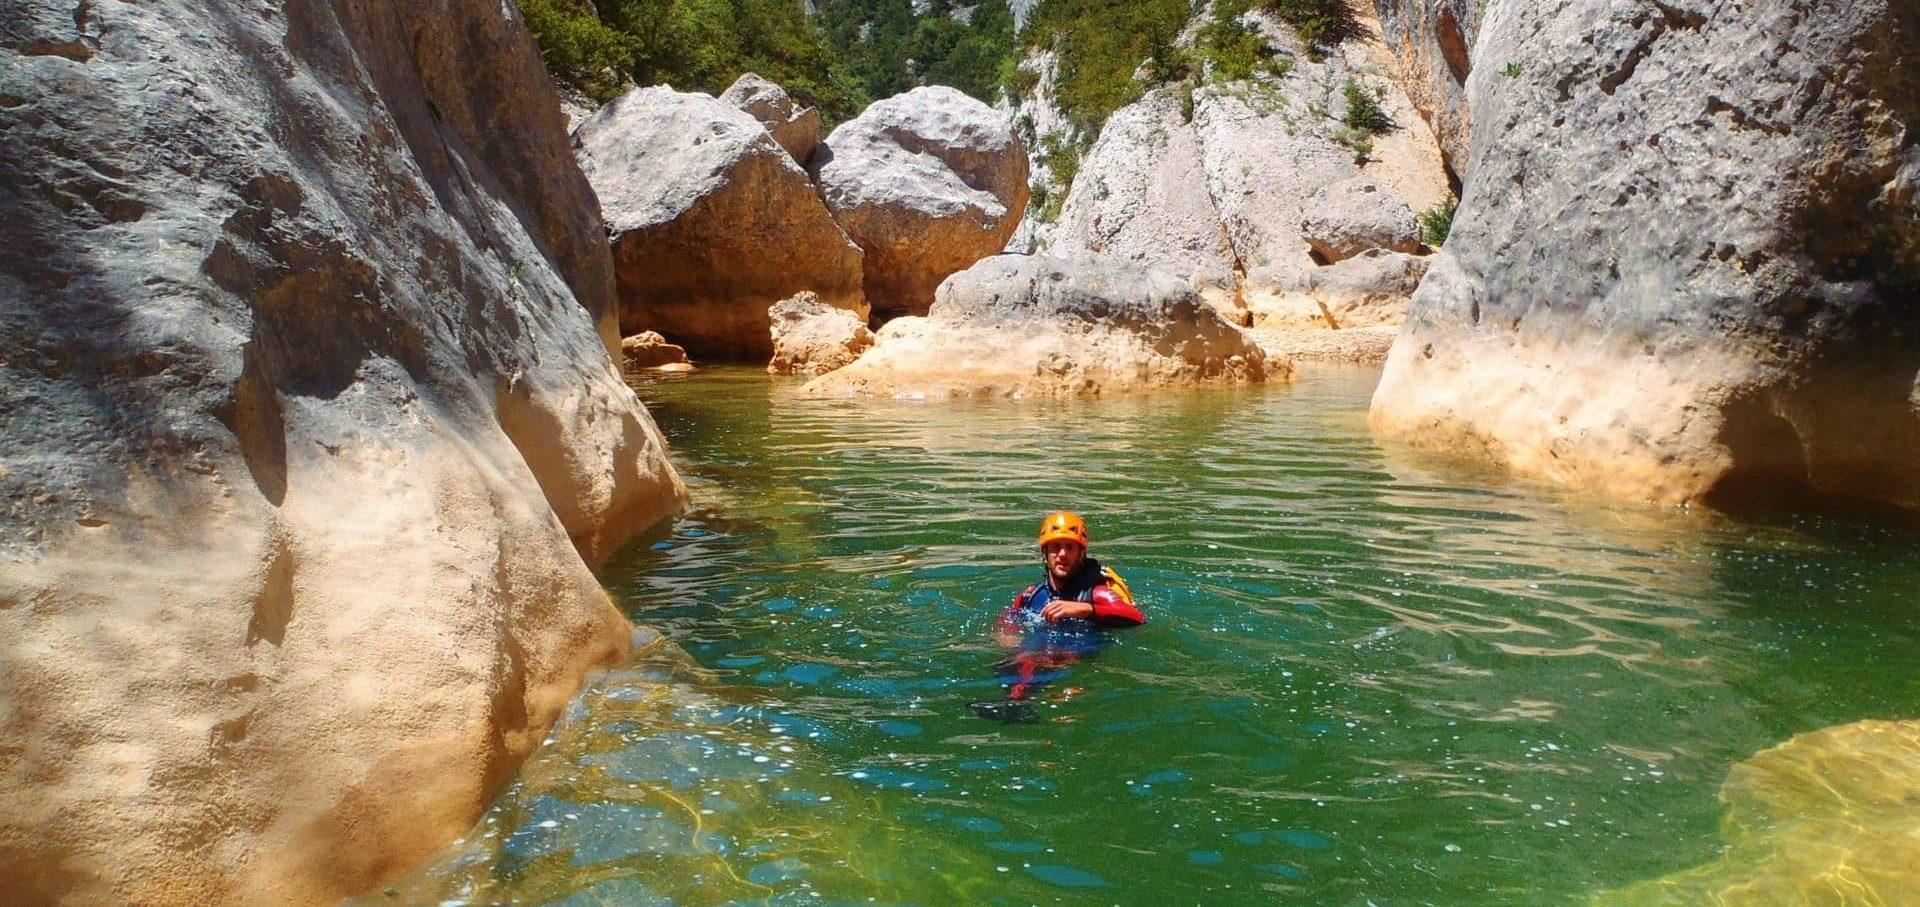 Sierra de Guara, Spain, Guided Canyoning